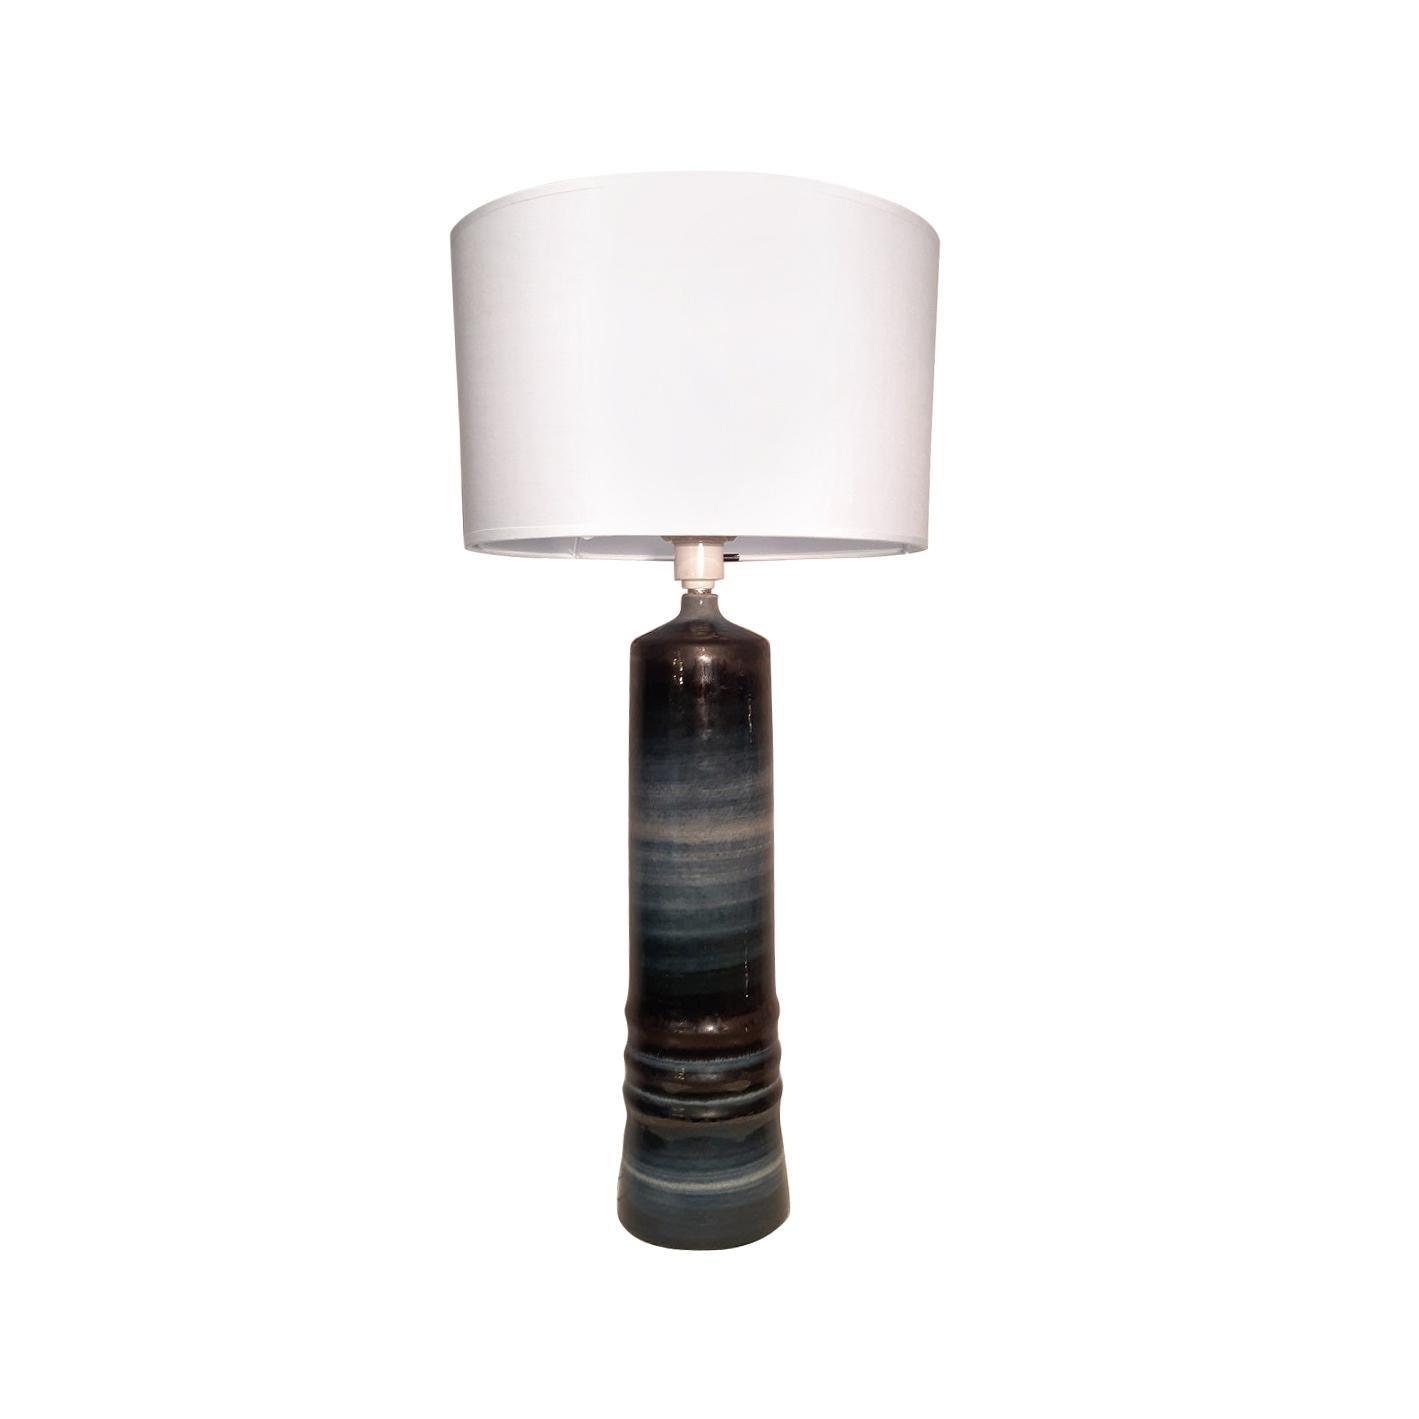 Olle Alberius Ceramic Table Lamp Rostrand 1970 Sweden Midcentury